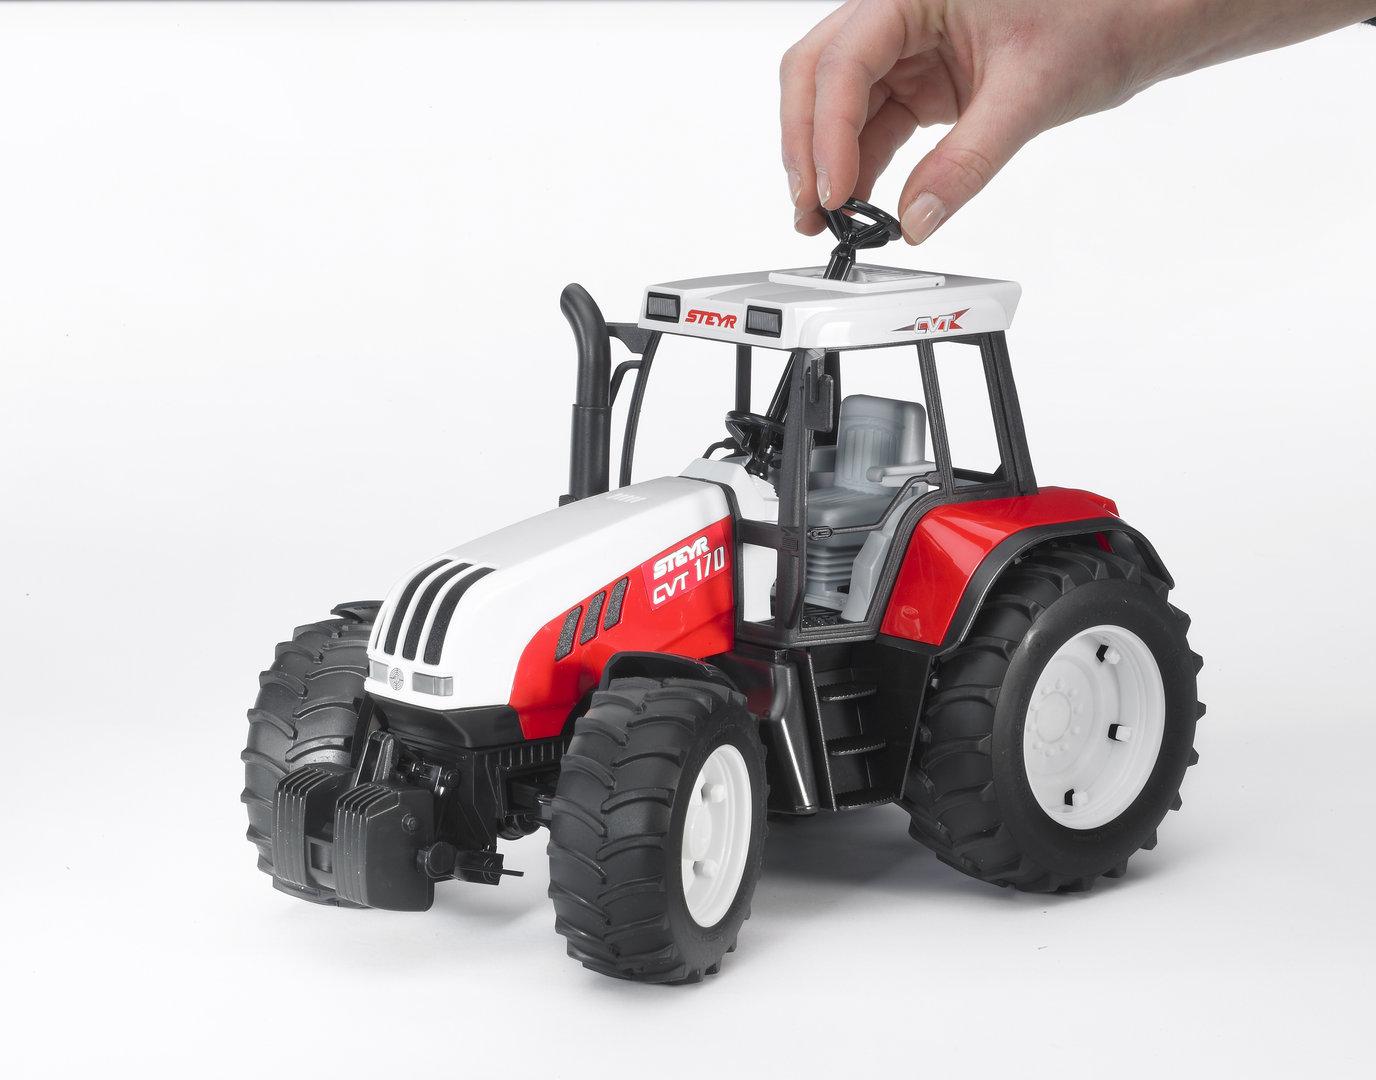 steyr cvt 170 bruder spielzeug traktor bruder steyr. Black Bedroom Furniture Sets. Home Design Ideas